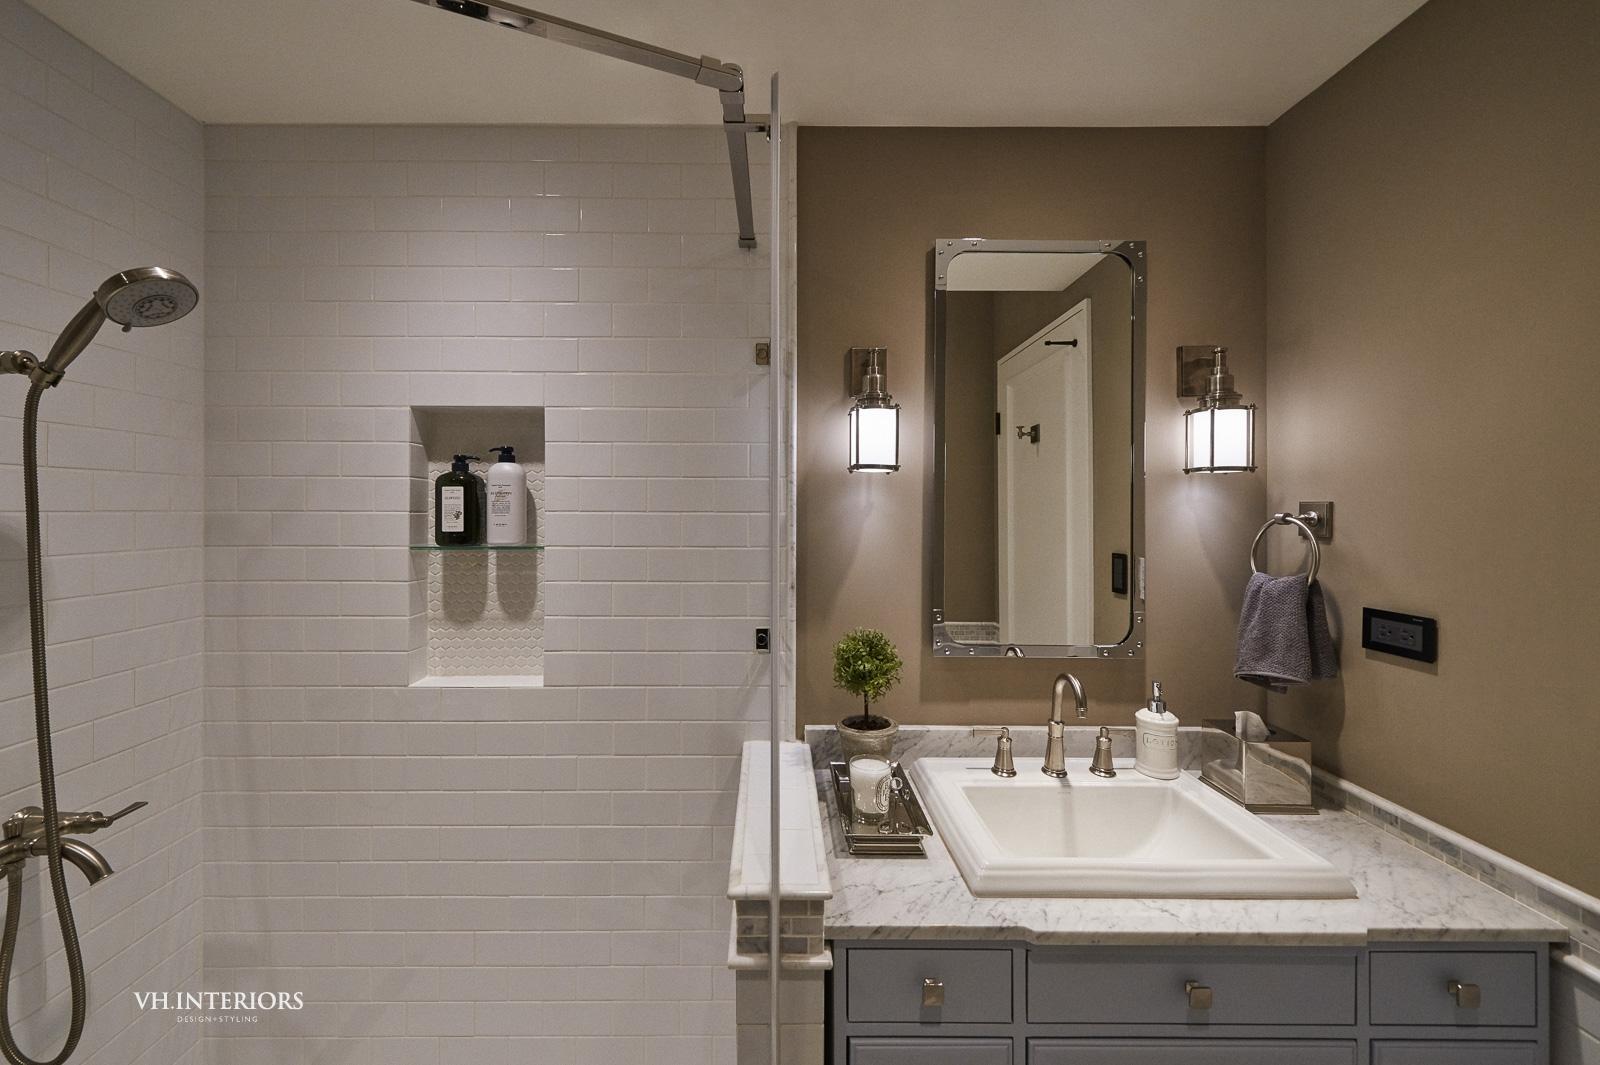 VH_ApartmentWithDog-694.jpg